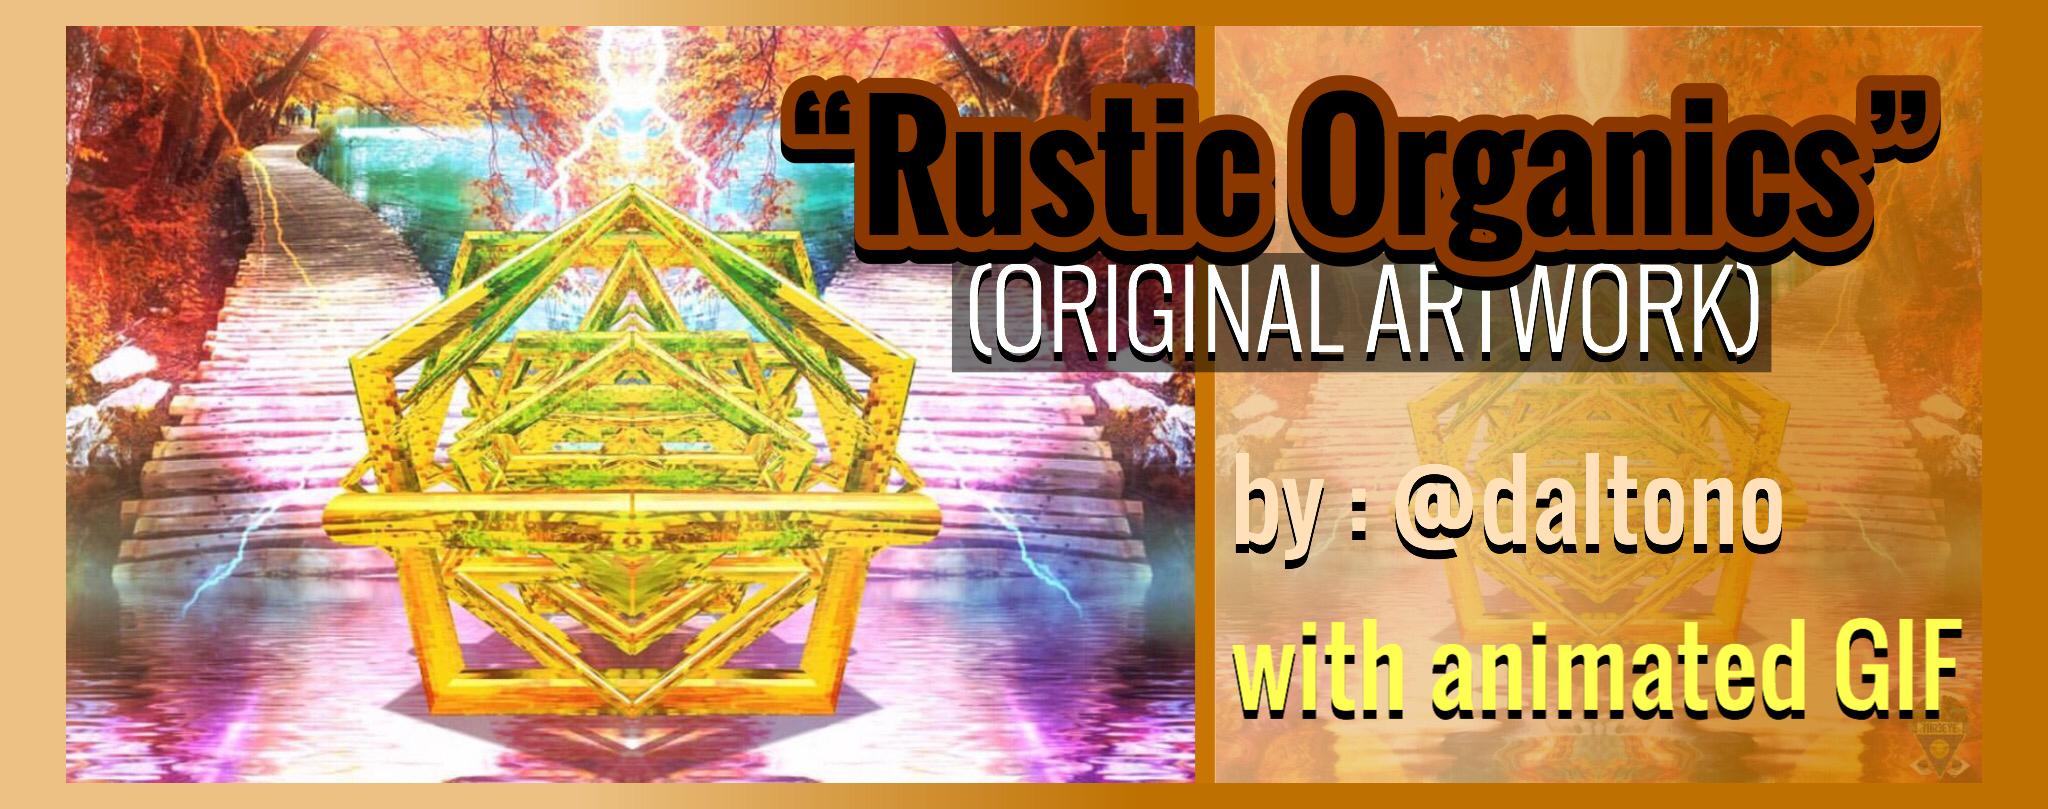 rustic-organic-thumbnail.JPG